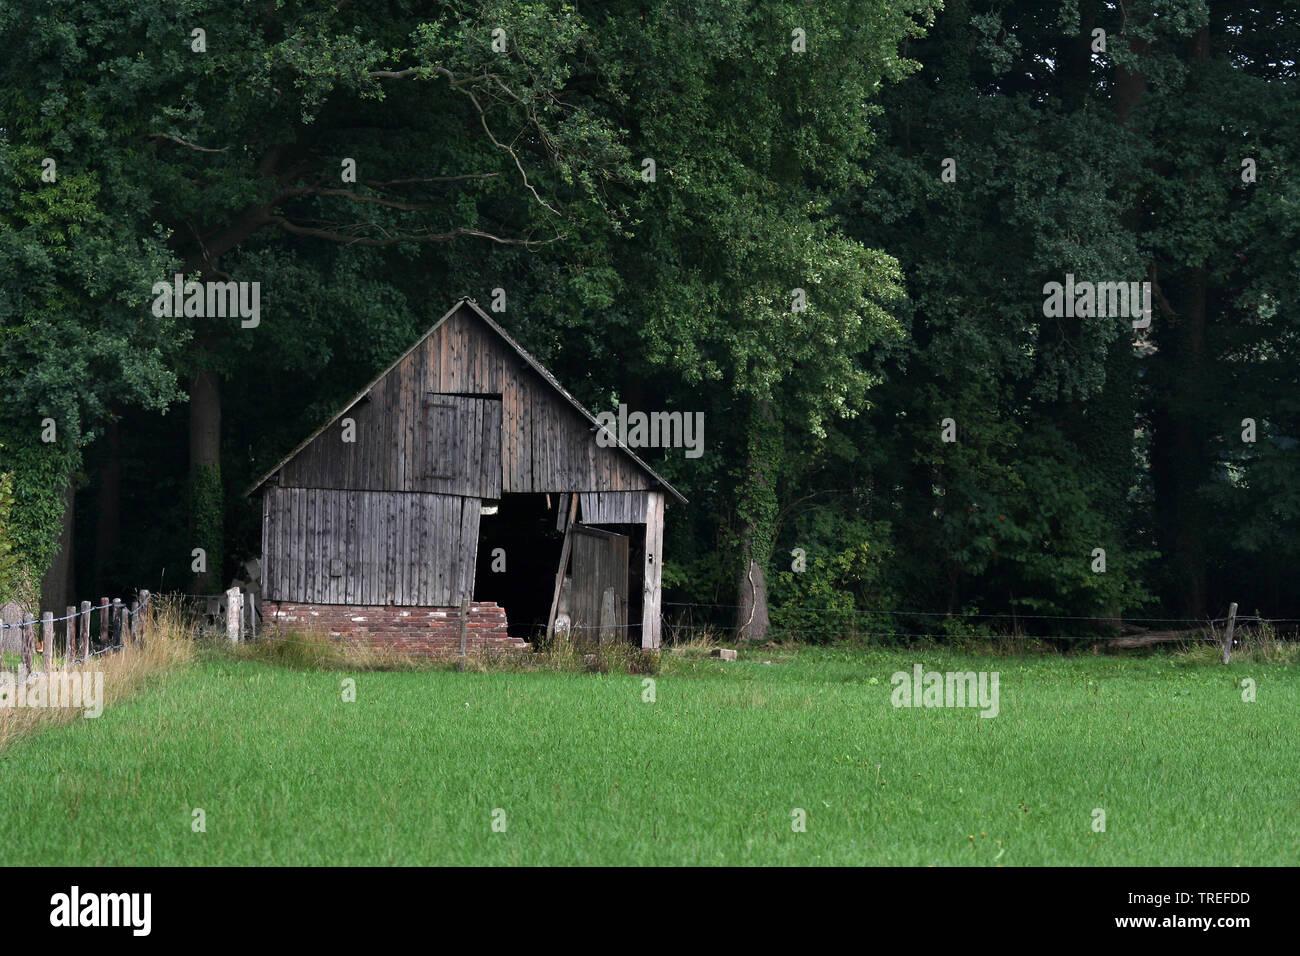 zerfallene Scheune am Waldrand, Niederlande, Gelderland, Achterhoek | decaying barn at forest edge, Netherlands, Gelderland, Achterhoek | BLWS525266.j - Stock Image